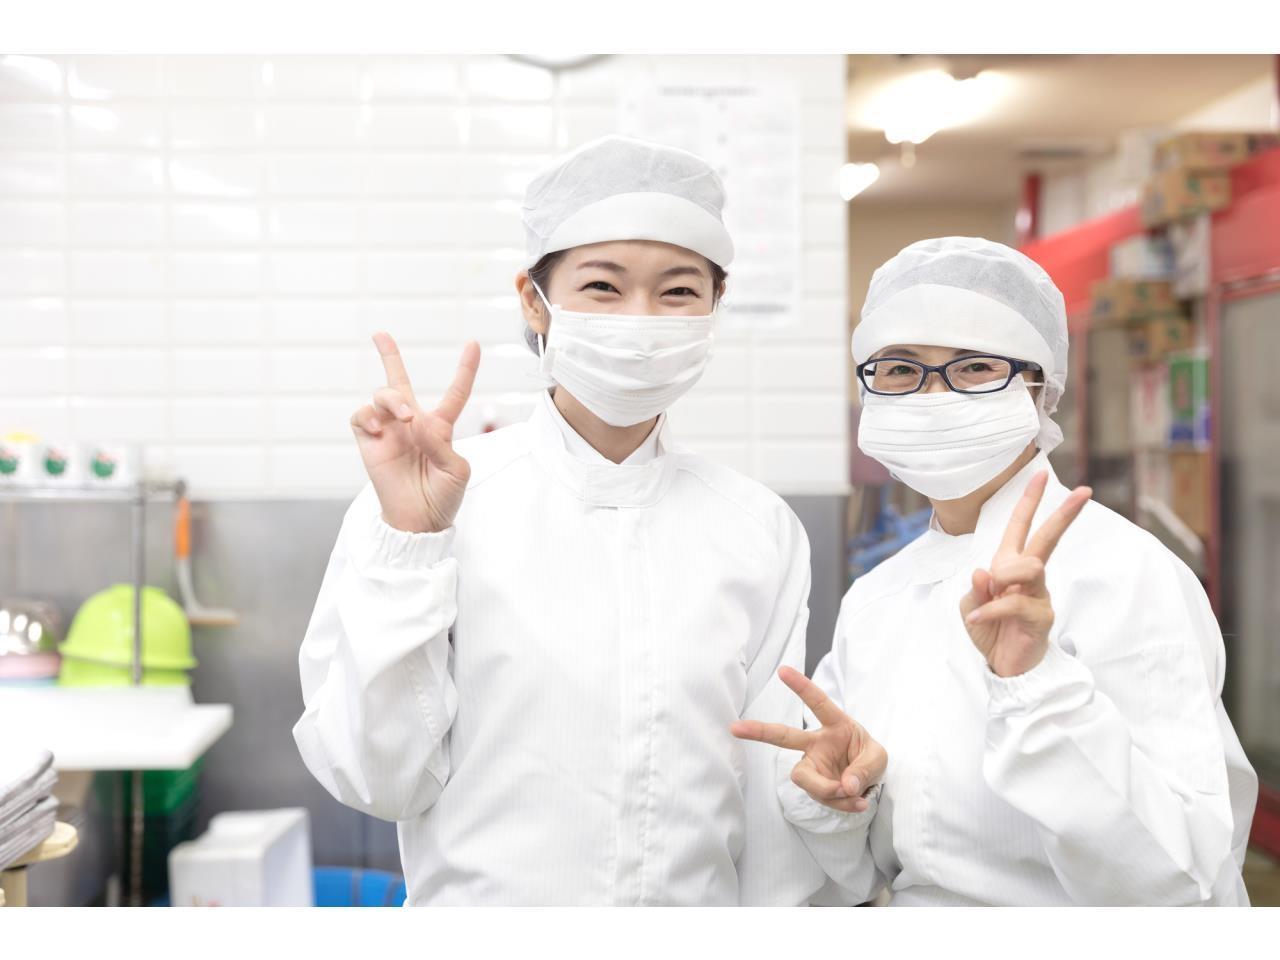 短時間で働ける学校給食の調理補助